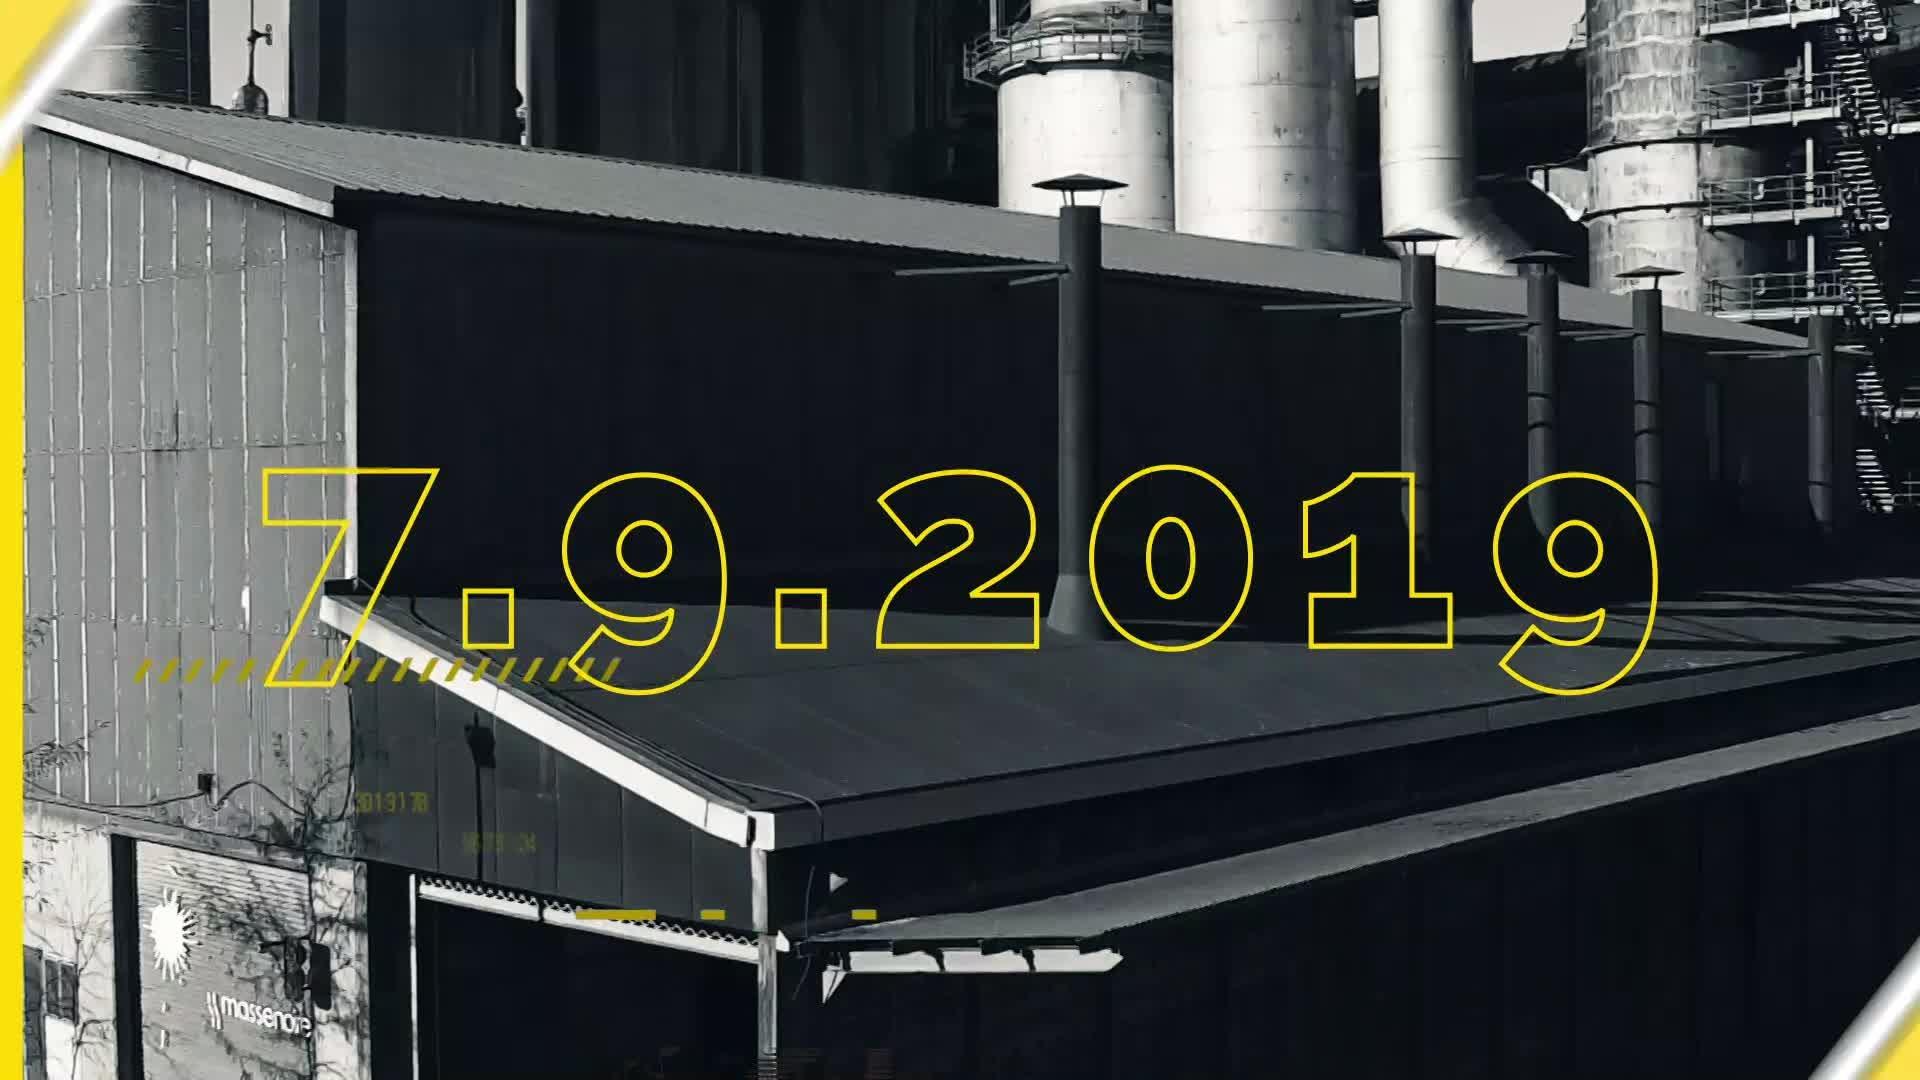 Sudstroum escher kulturlaf 2019 - Teaser